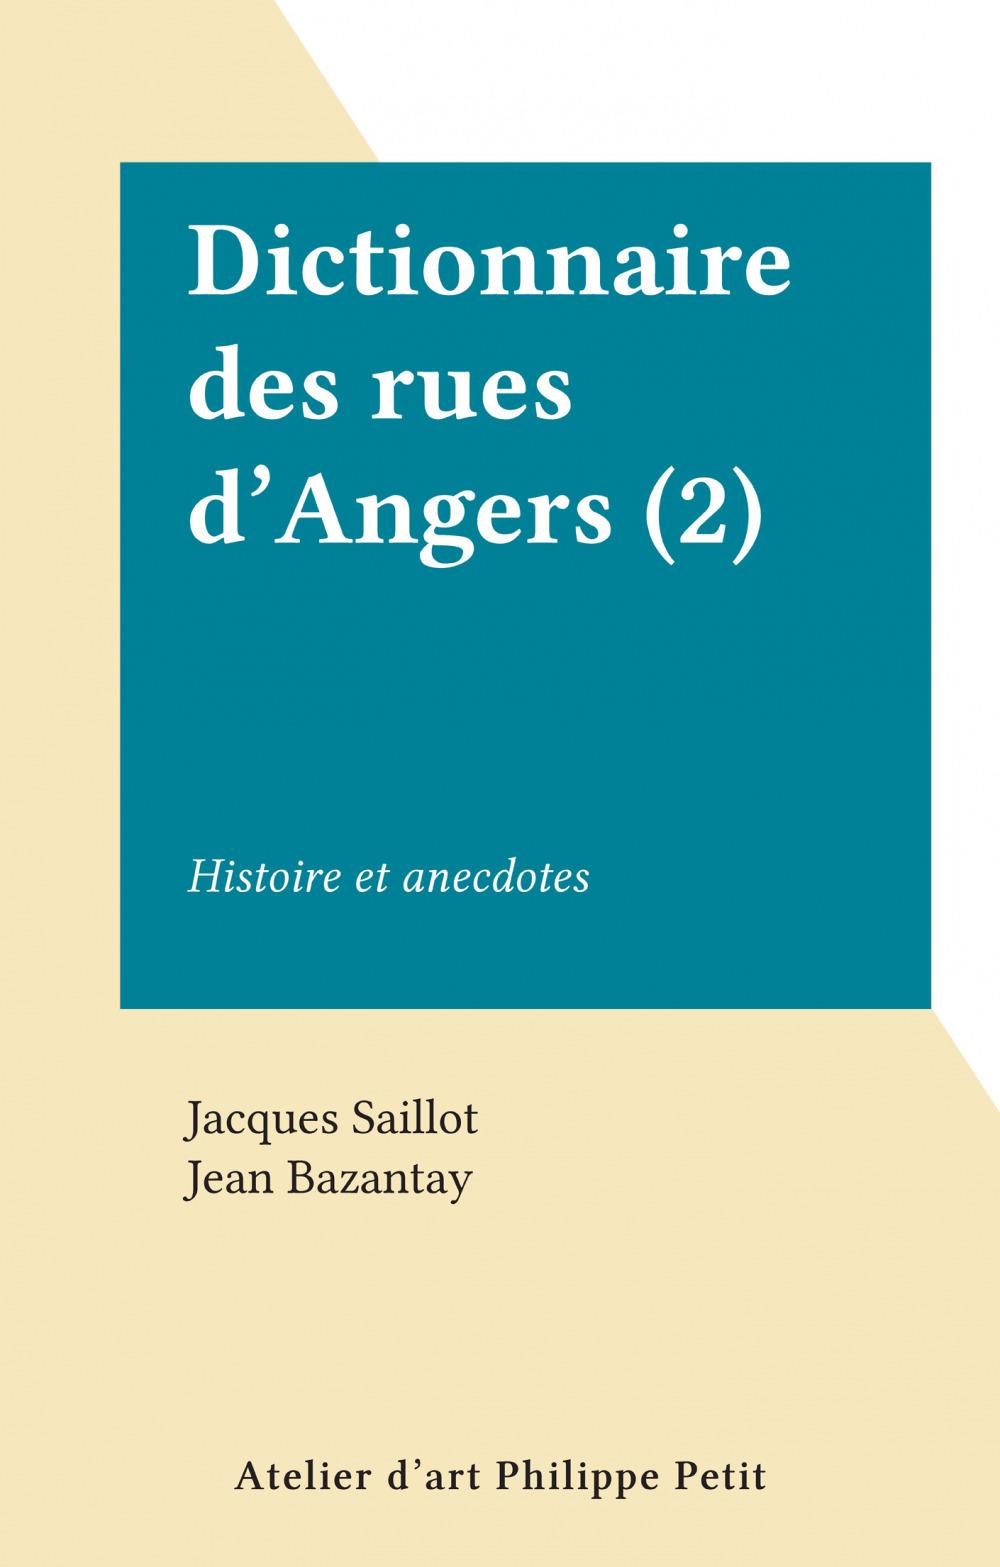 Dictionnaire des rues d'Angers (2)  - Jacques Saillot